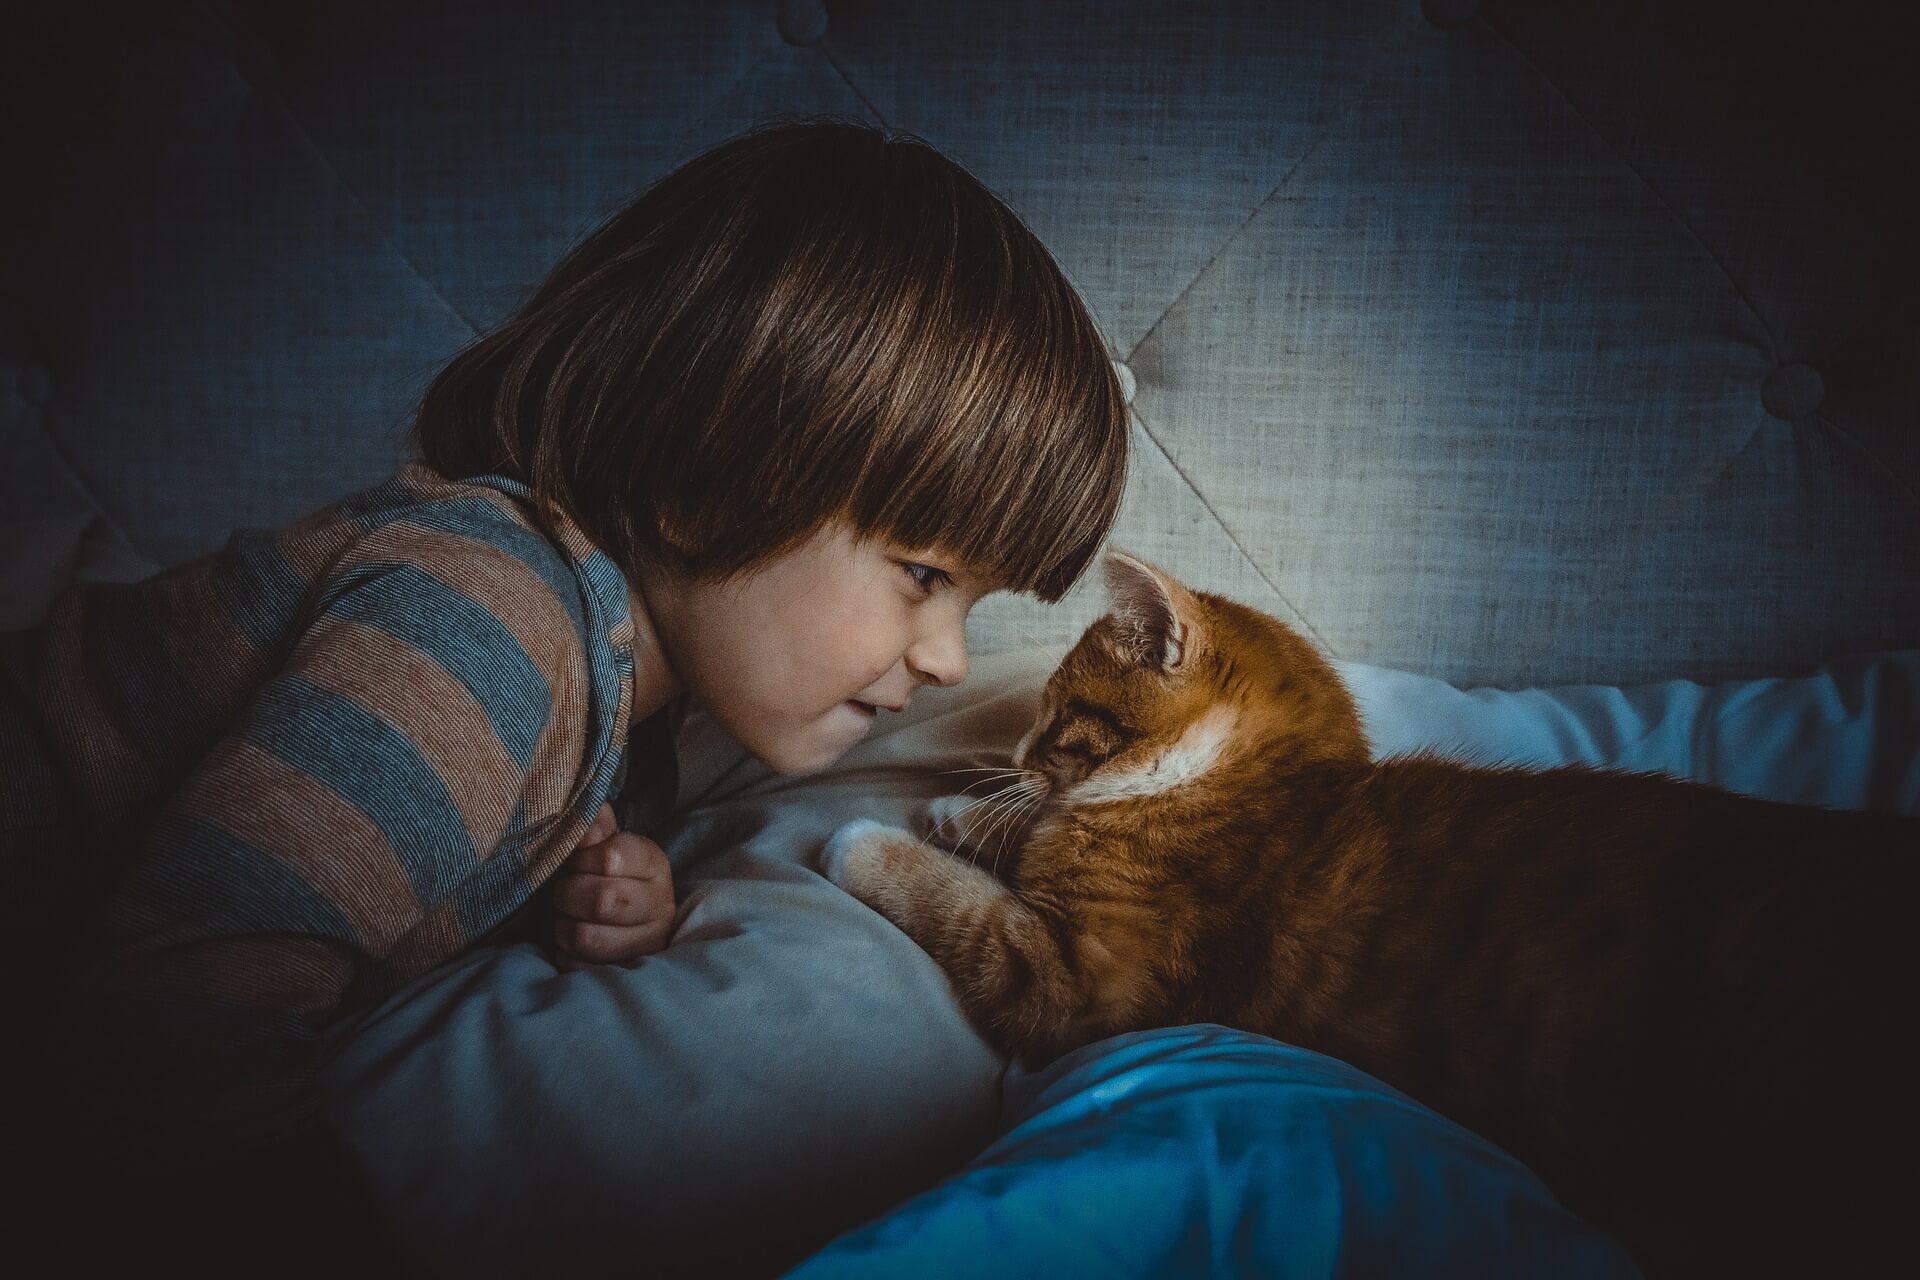 國外有做過研究,若小朋友跟小動物一起長大,發生過敏的機率確實會比較低